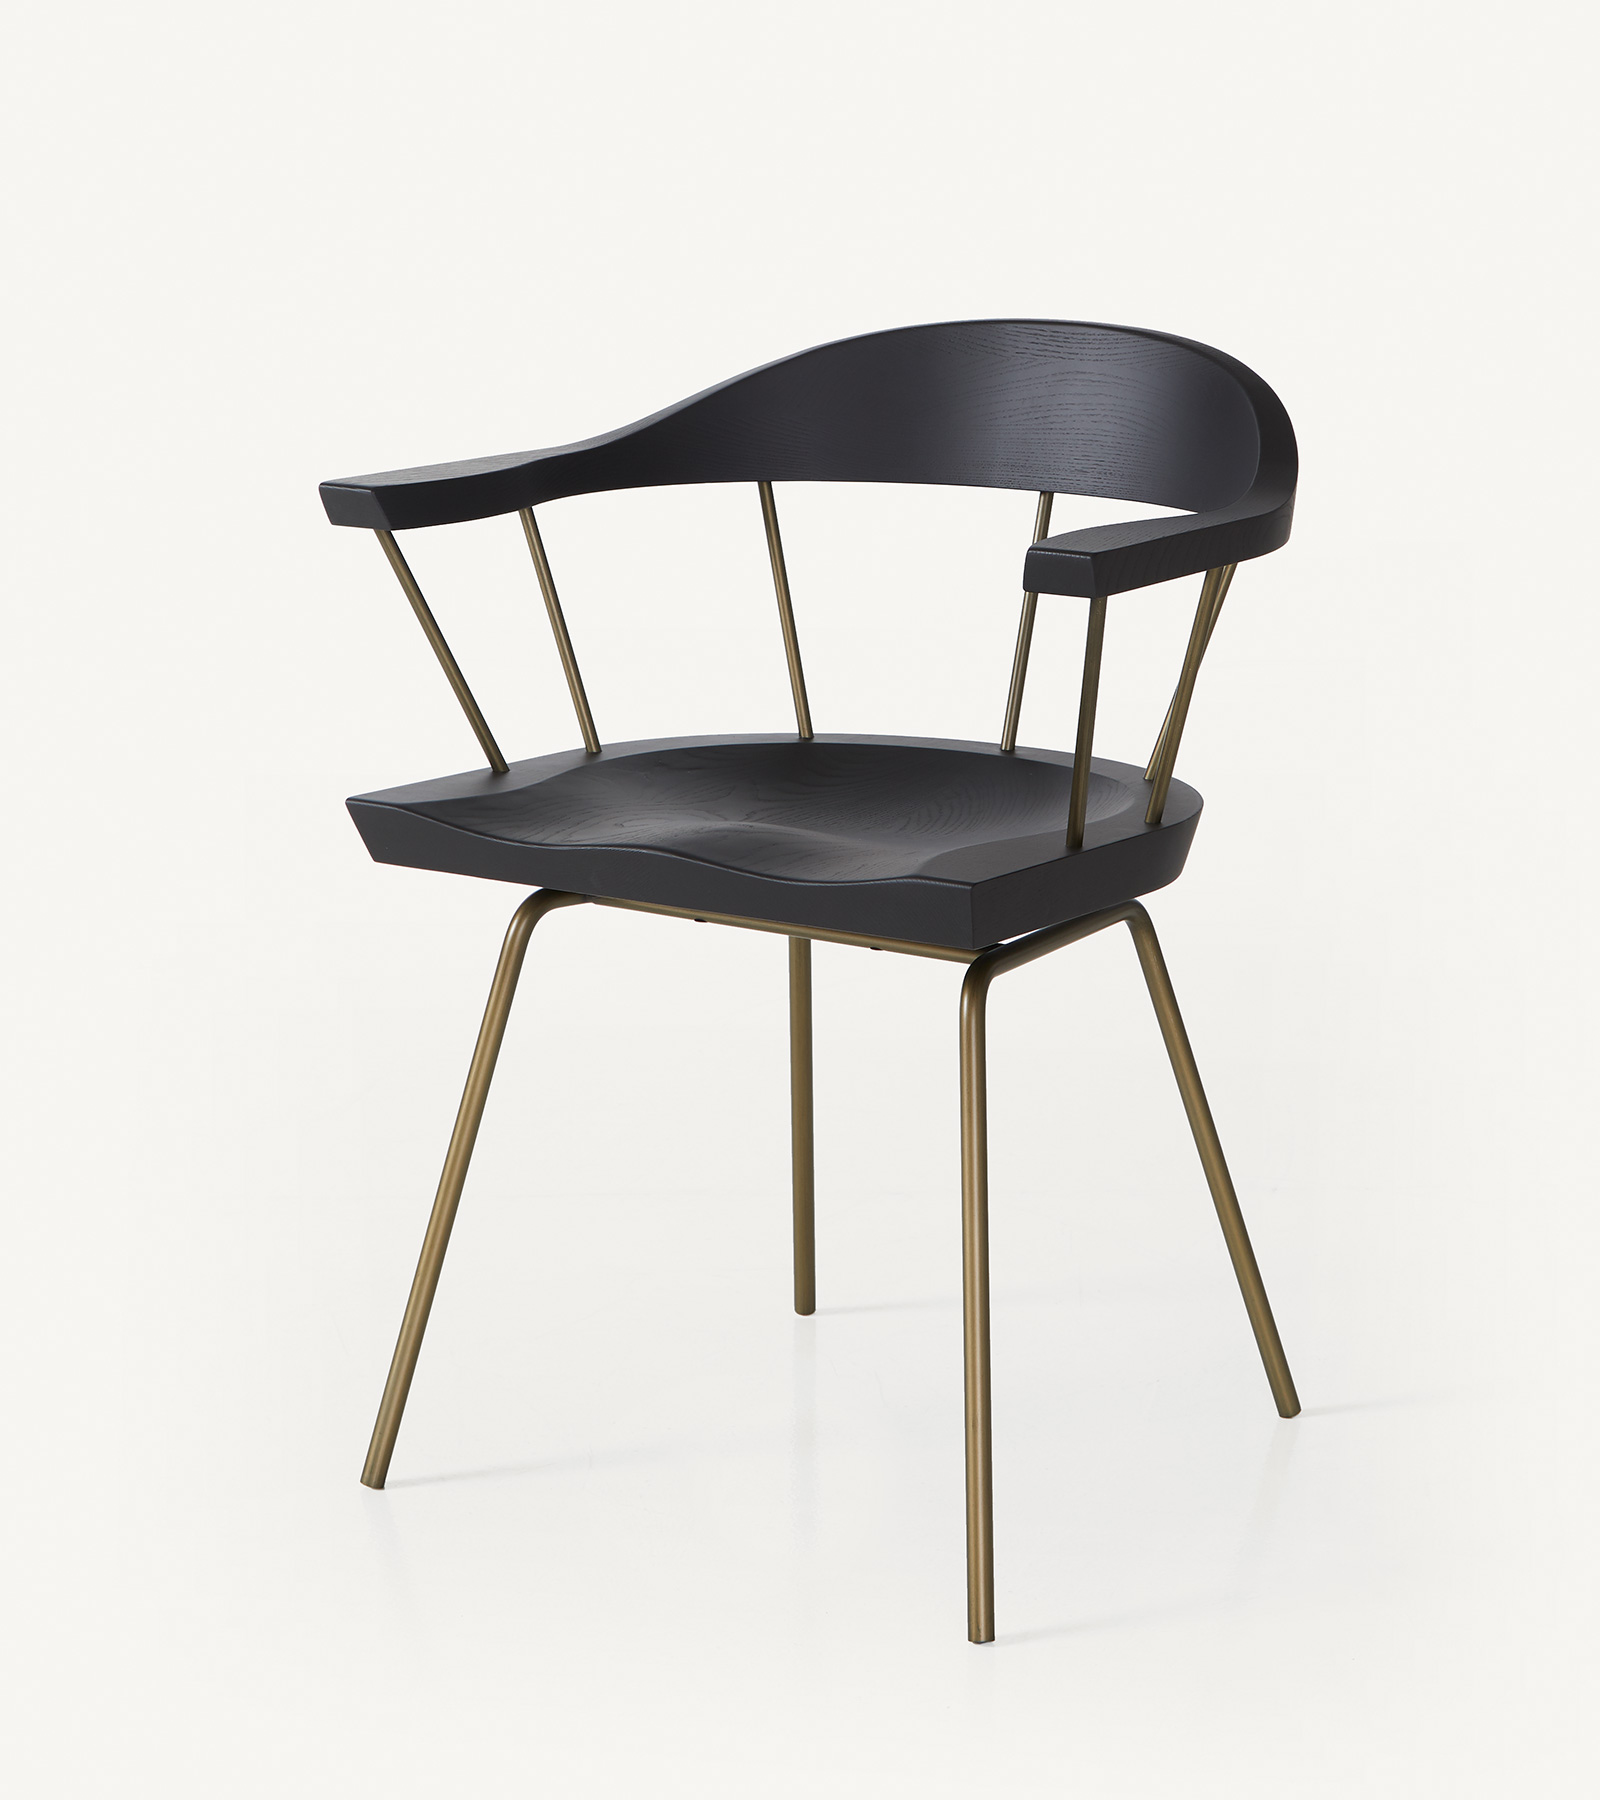 TinnappleMetz-bassamfellows-Spindle-Side-Chair-07